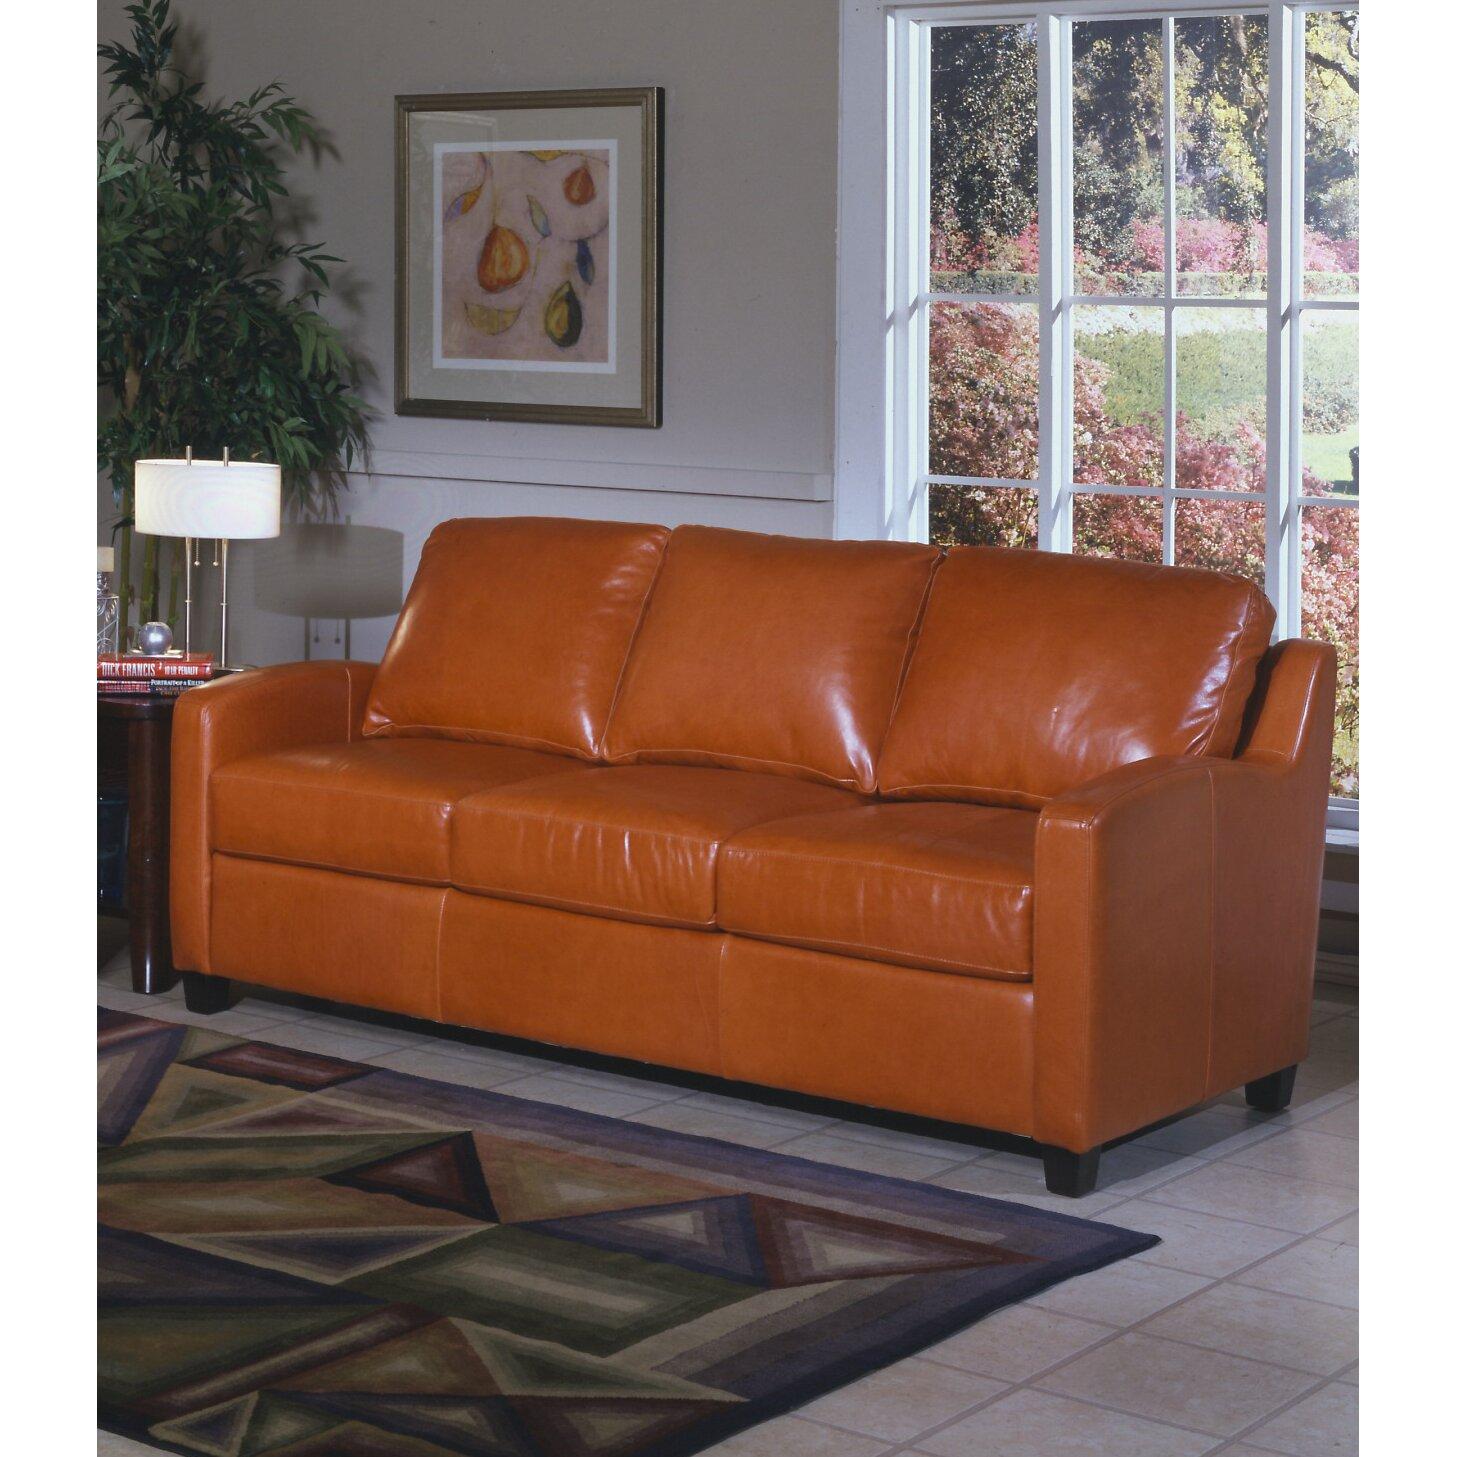 Omnia leather chelsea deco 3 seat leather sofa set for Chelsea leather sofa